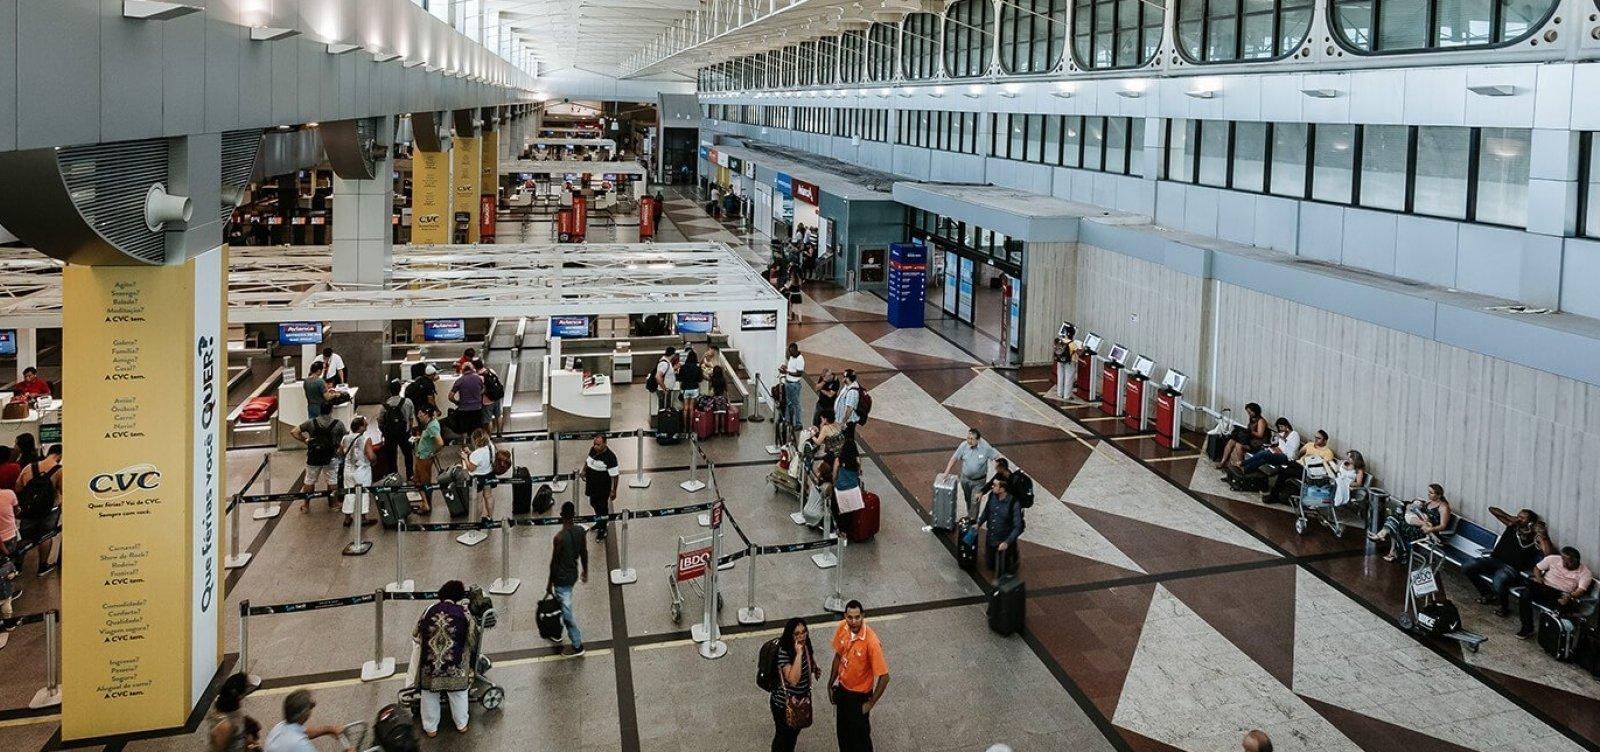 [Clientes com voos afetados por pane na pista têm direito à devolução da tarifa, diz Procon]